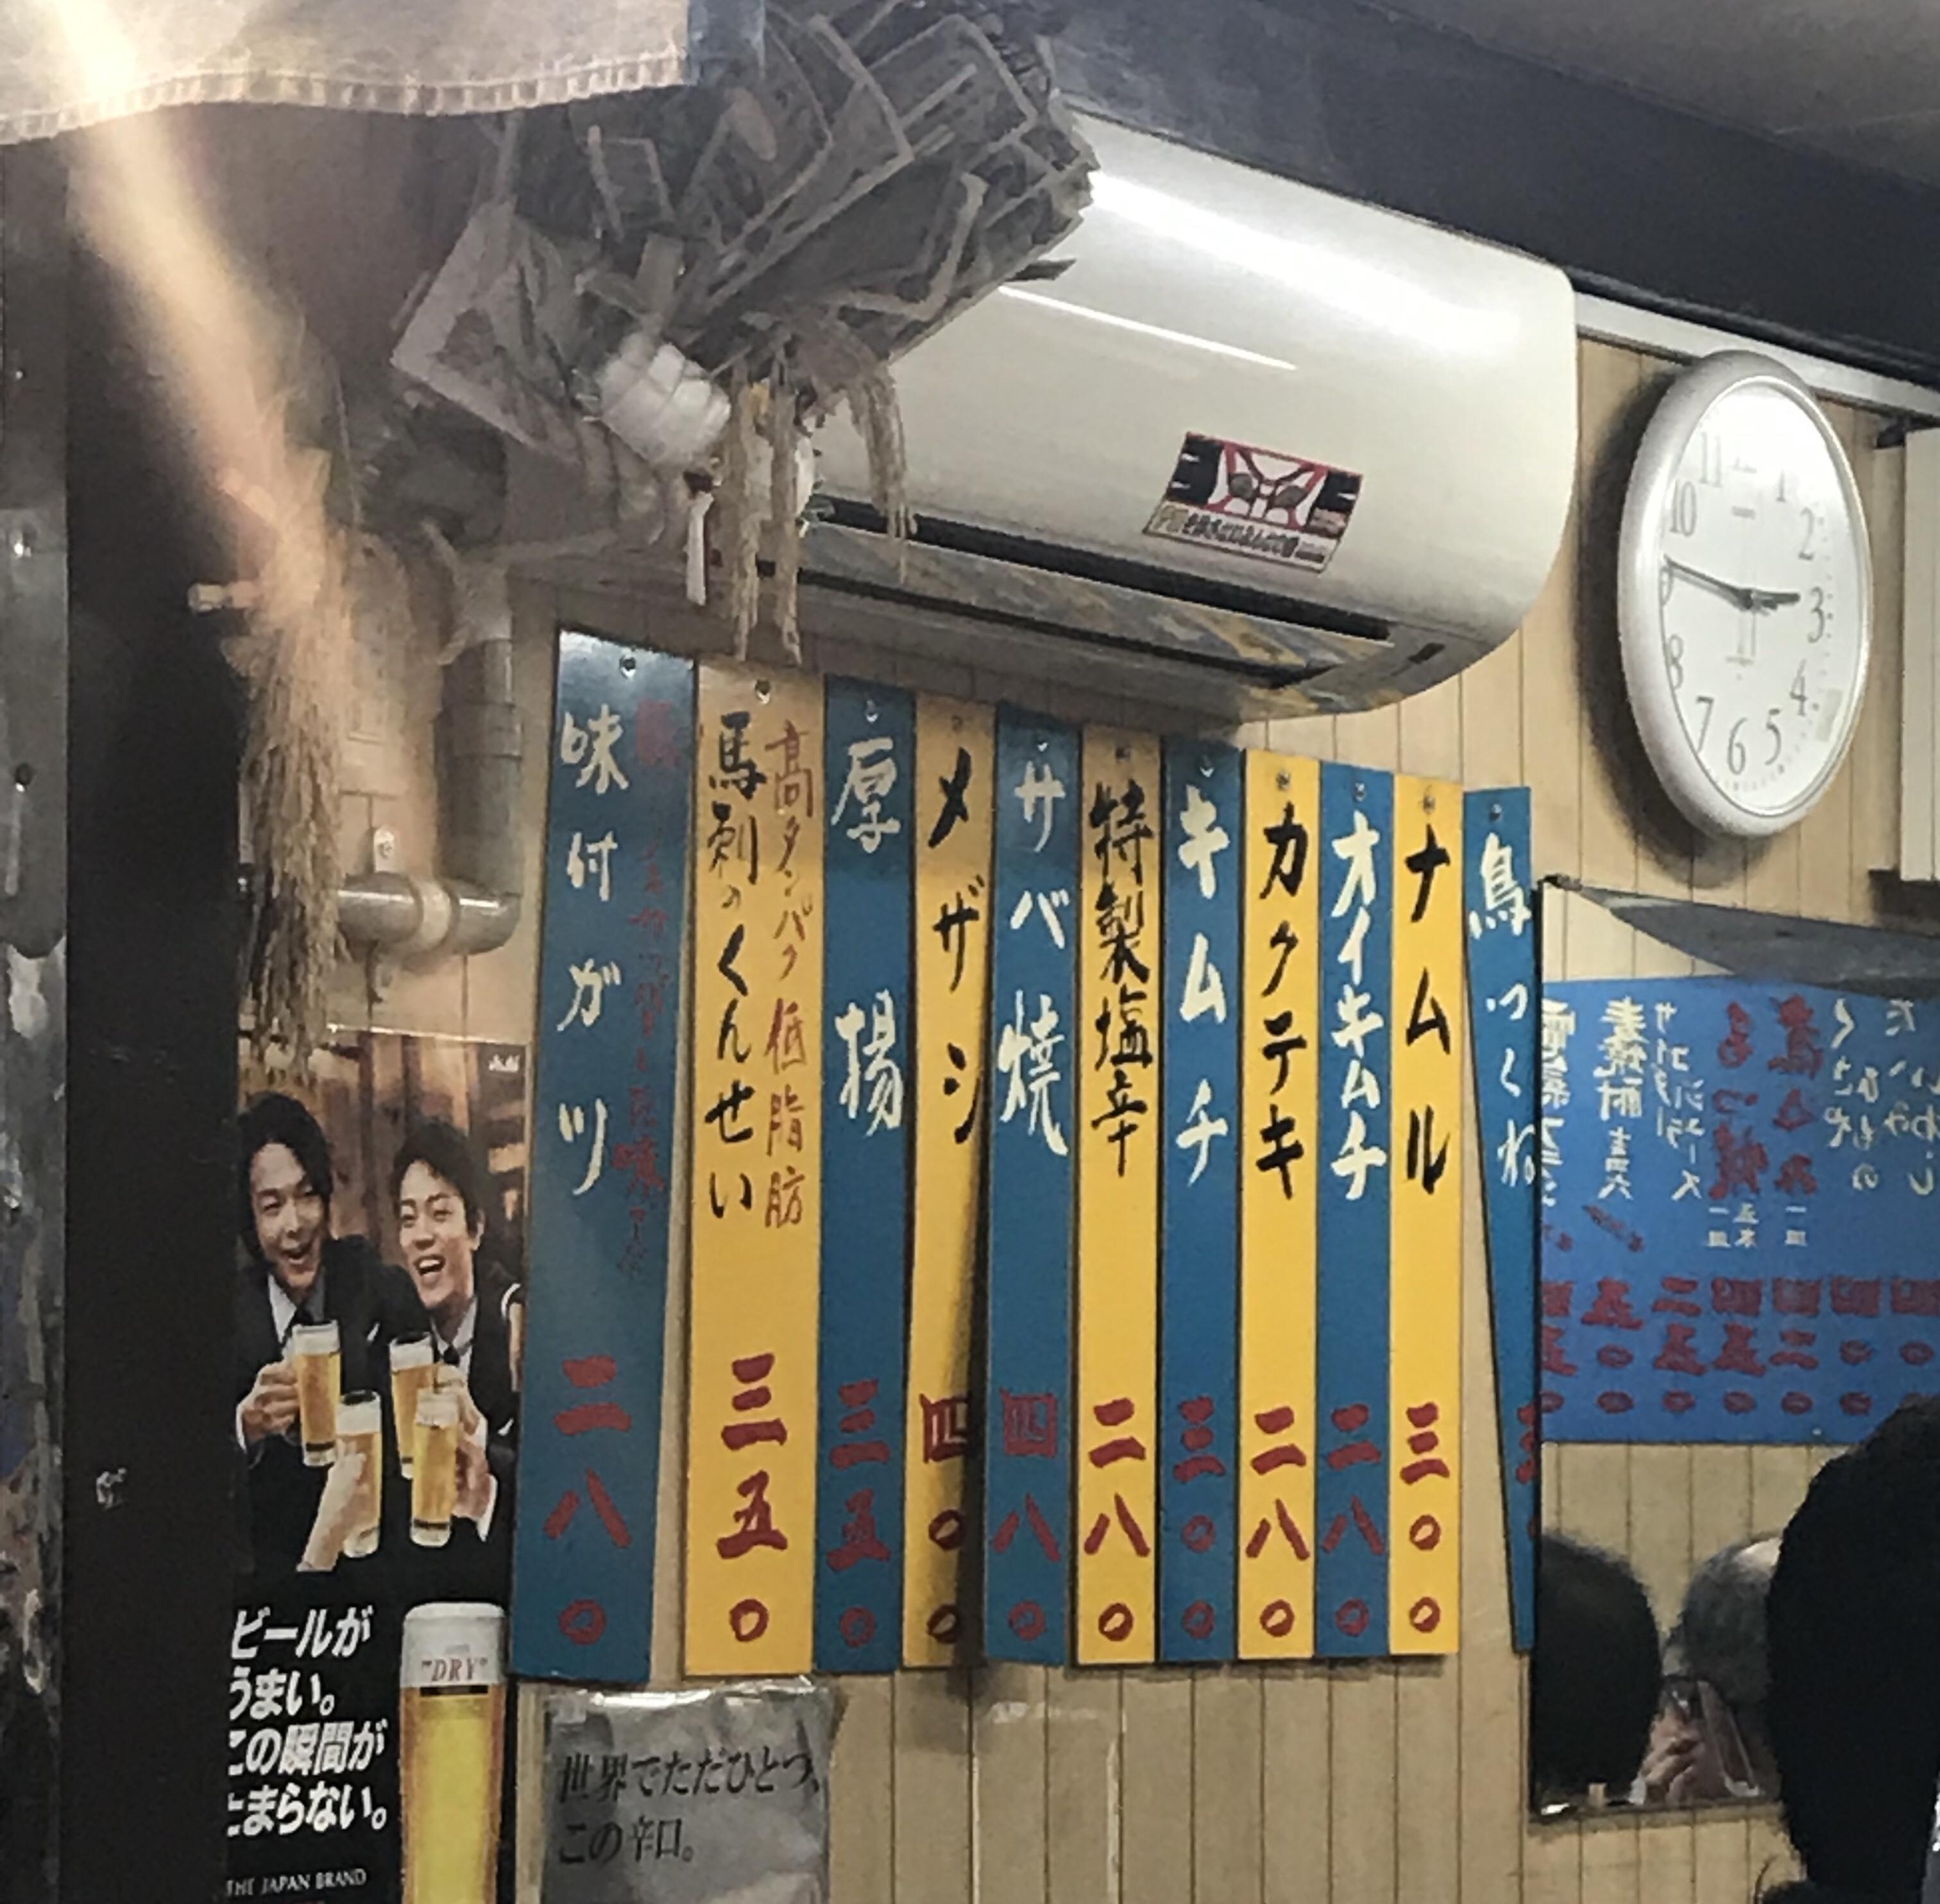 いか特製塩辛 もつ焼き大統領上野本店